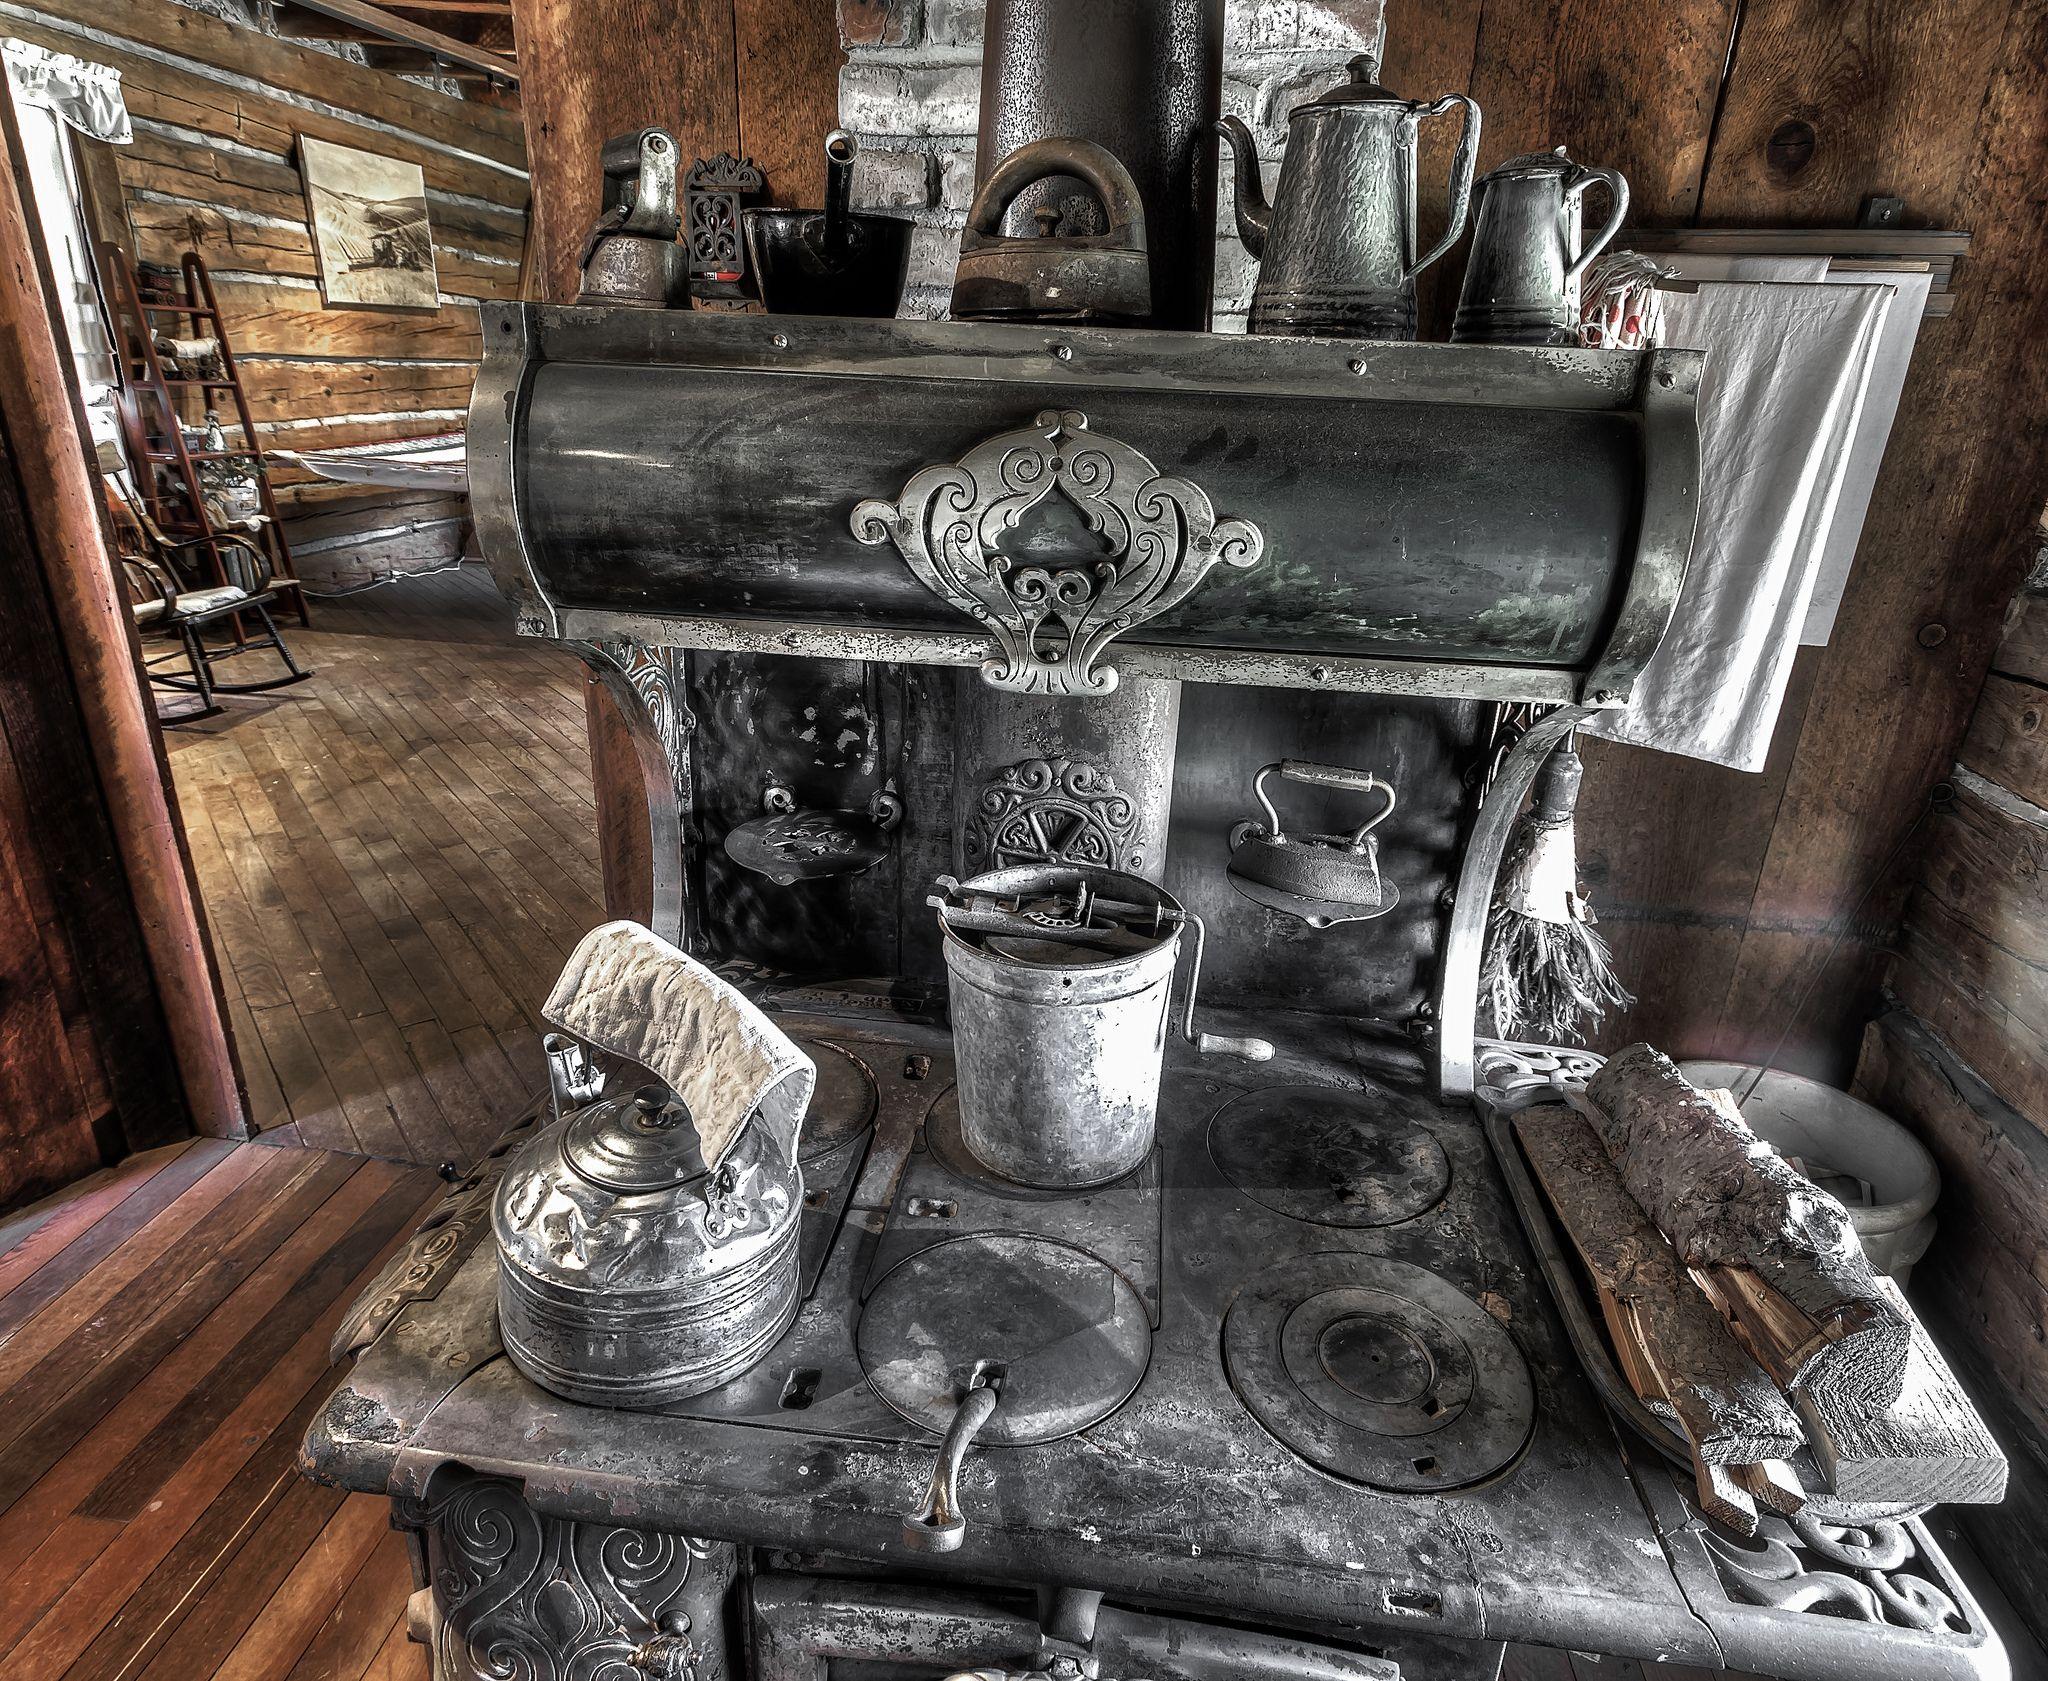 die klassischen kachelofen von castellamonte sind echte blickfanger, multi-purpose wood burning stove. | antique stoves | pinterest, Ideen entwickeln